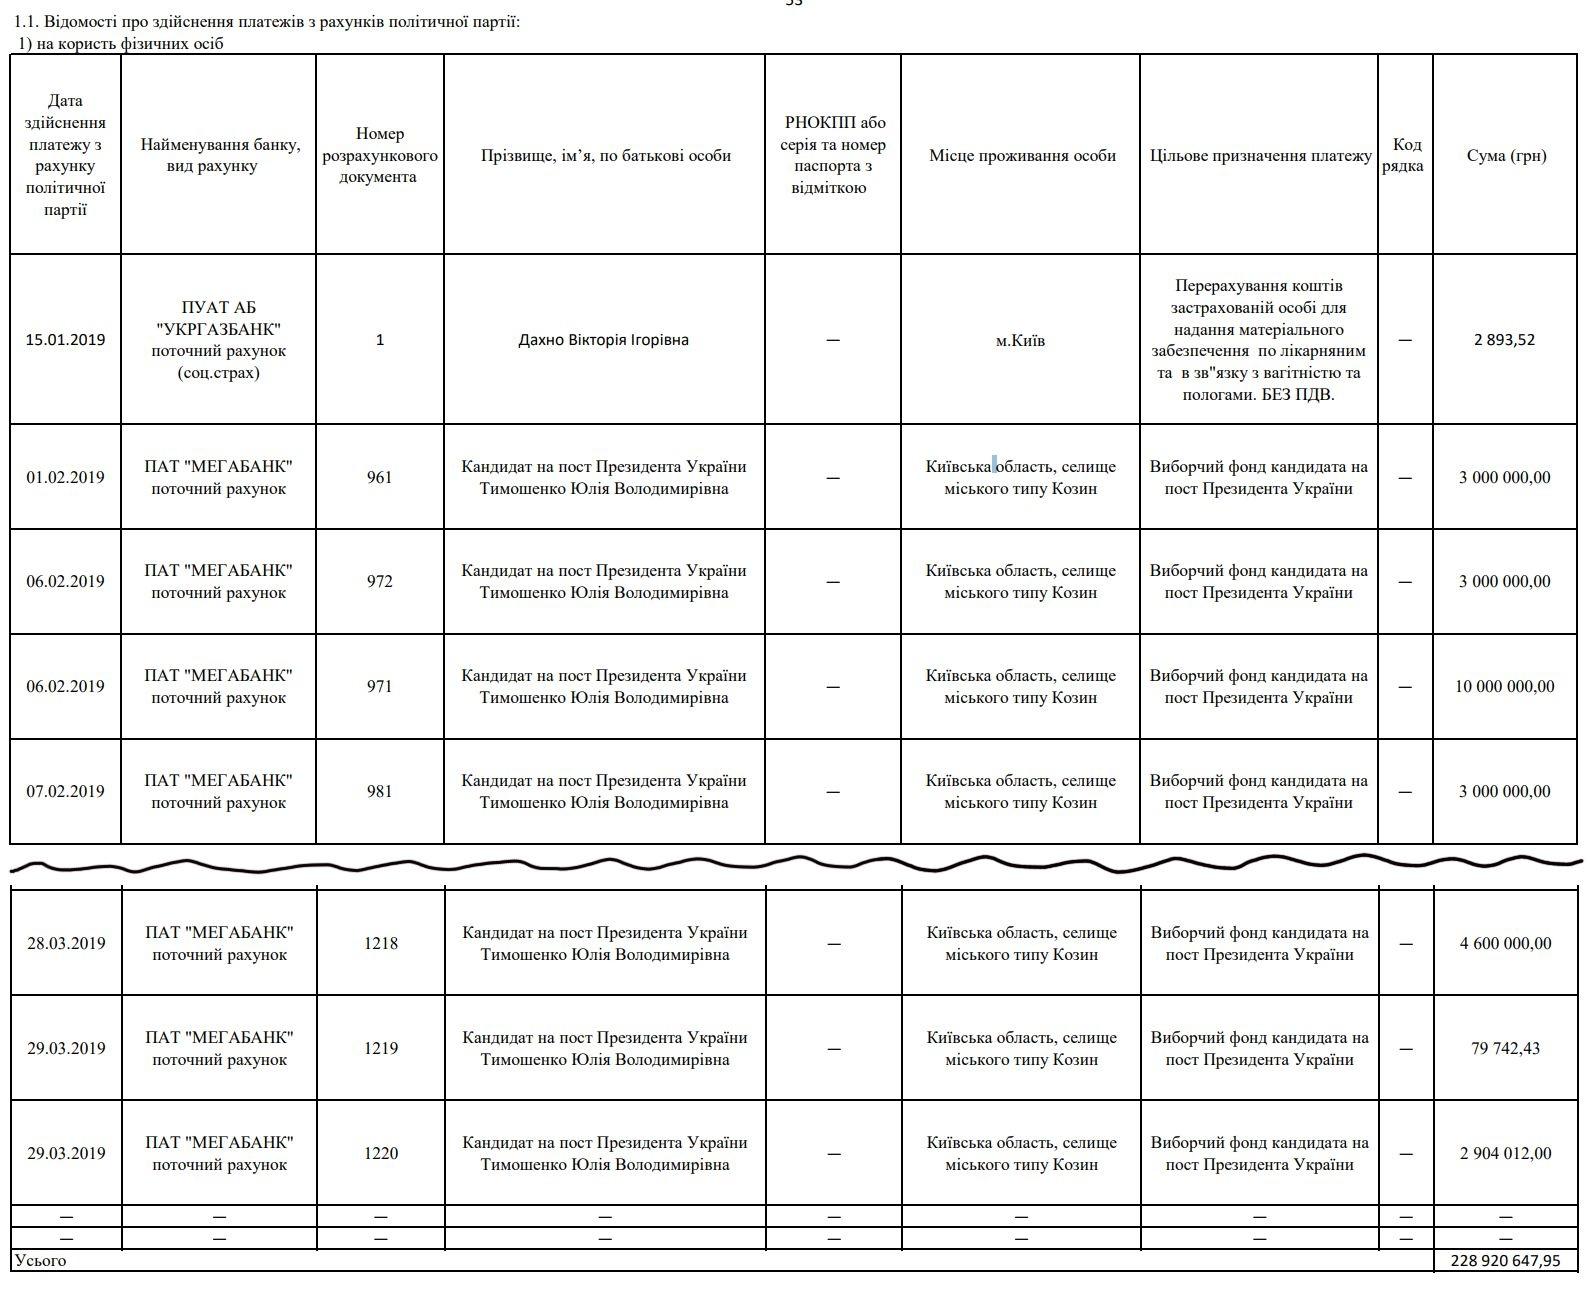 Переведення коштів до виборчого фонду лідерці партії Юлії Тимошенко — найбільший пункт витрат партії